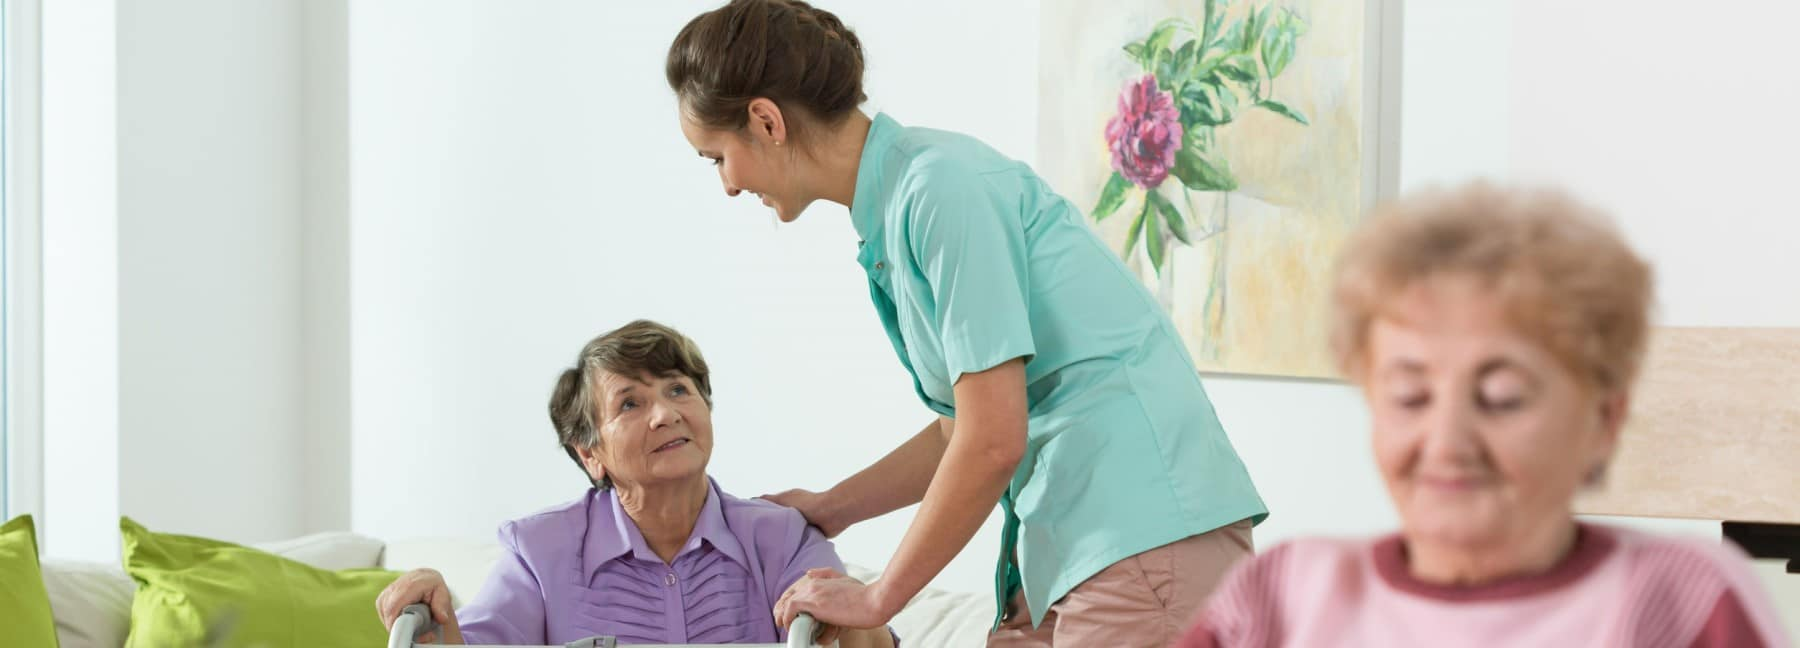 Brandwache für Alten- und Pflegeheime, Kliniken und Reha-Einrichtungen